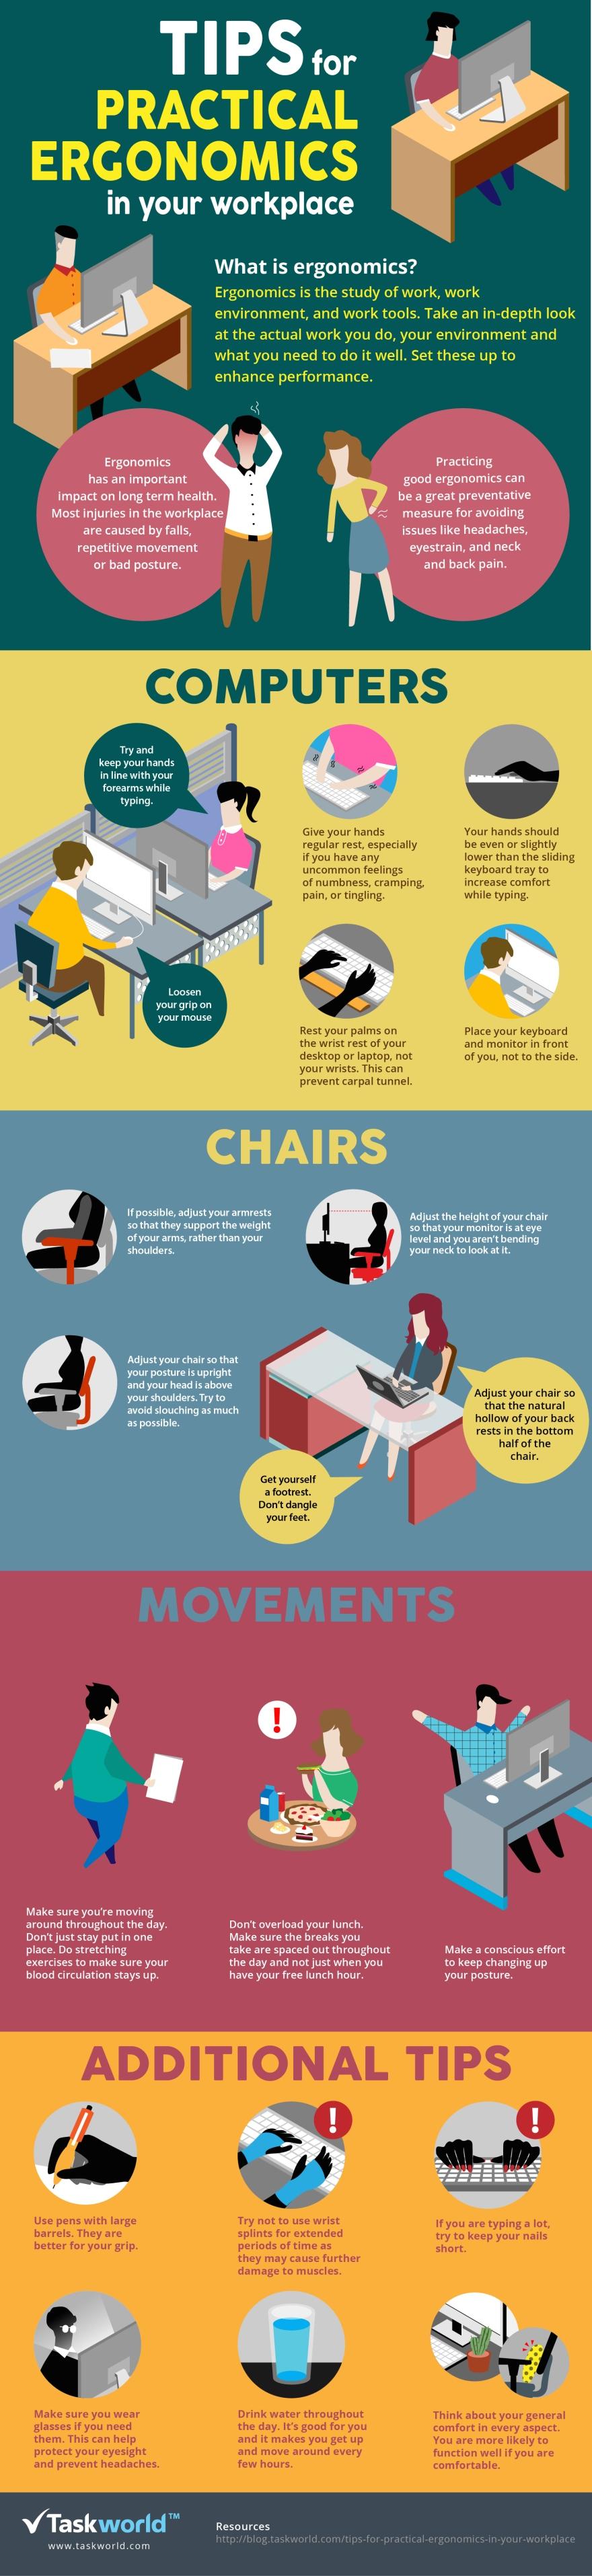 [infographic] Ergonomics